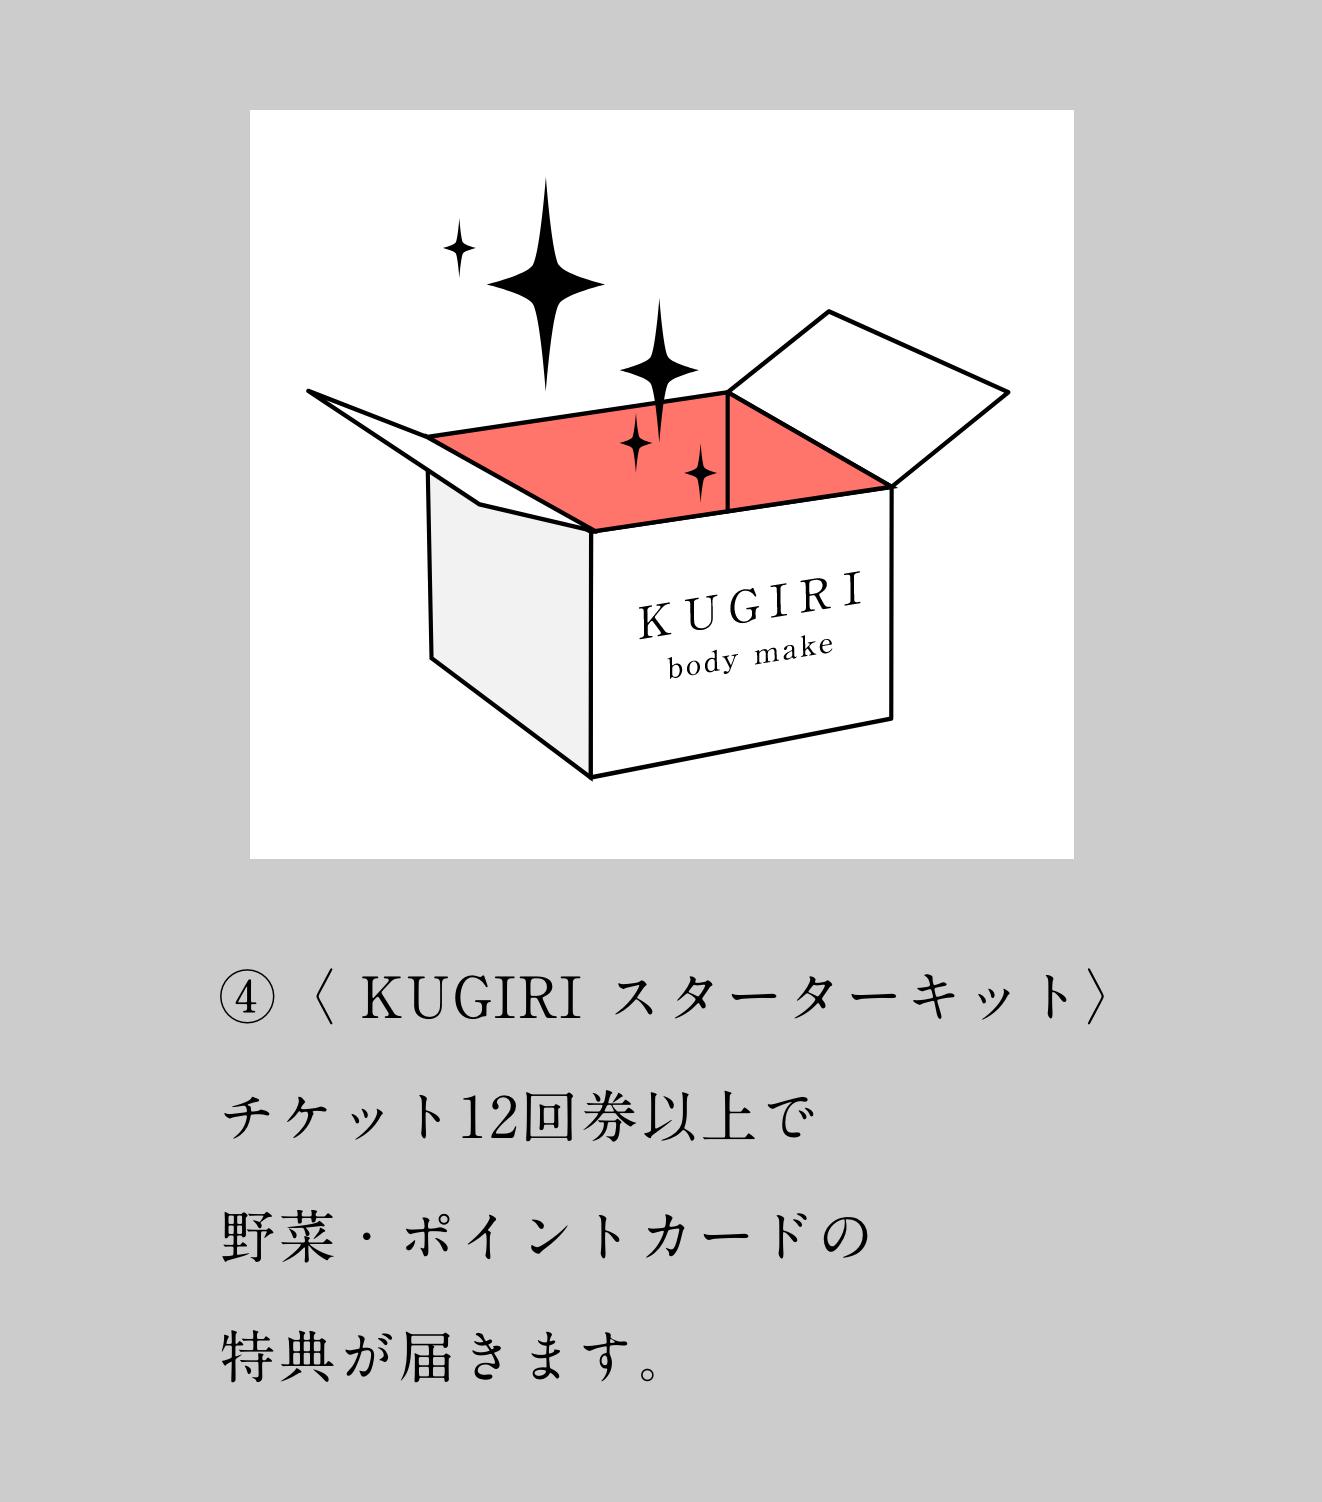 ④〈 KUGIRI スターターキット〉チケット12回券以上で野菜・ポイントカードの特典が届きます。